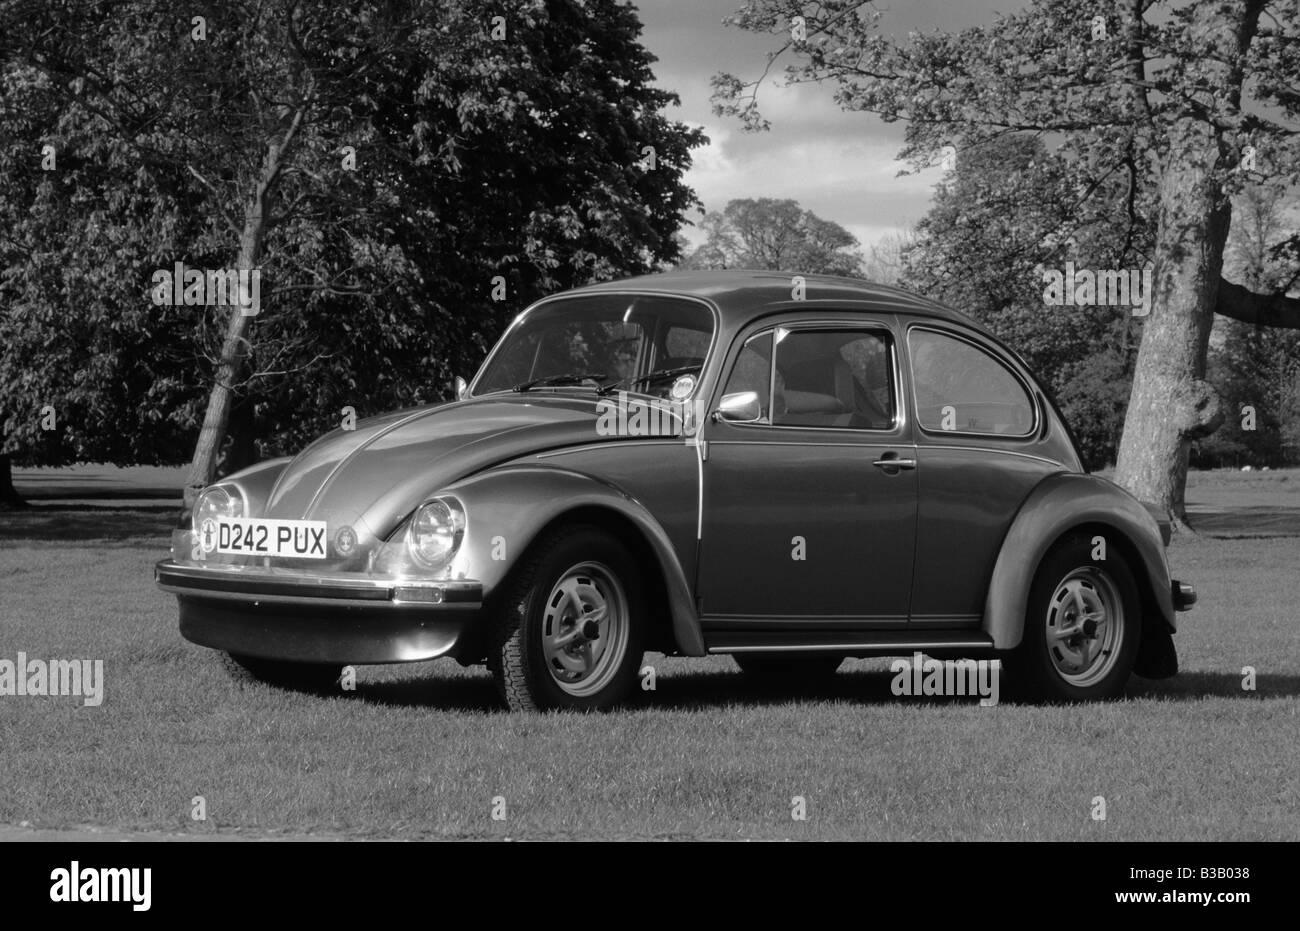 Volkswagen Beetle. - Stock Image